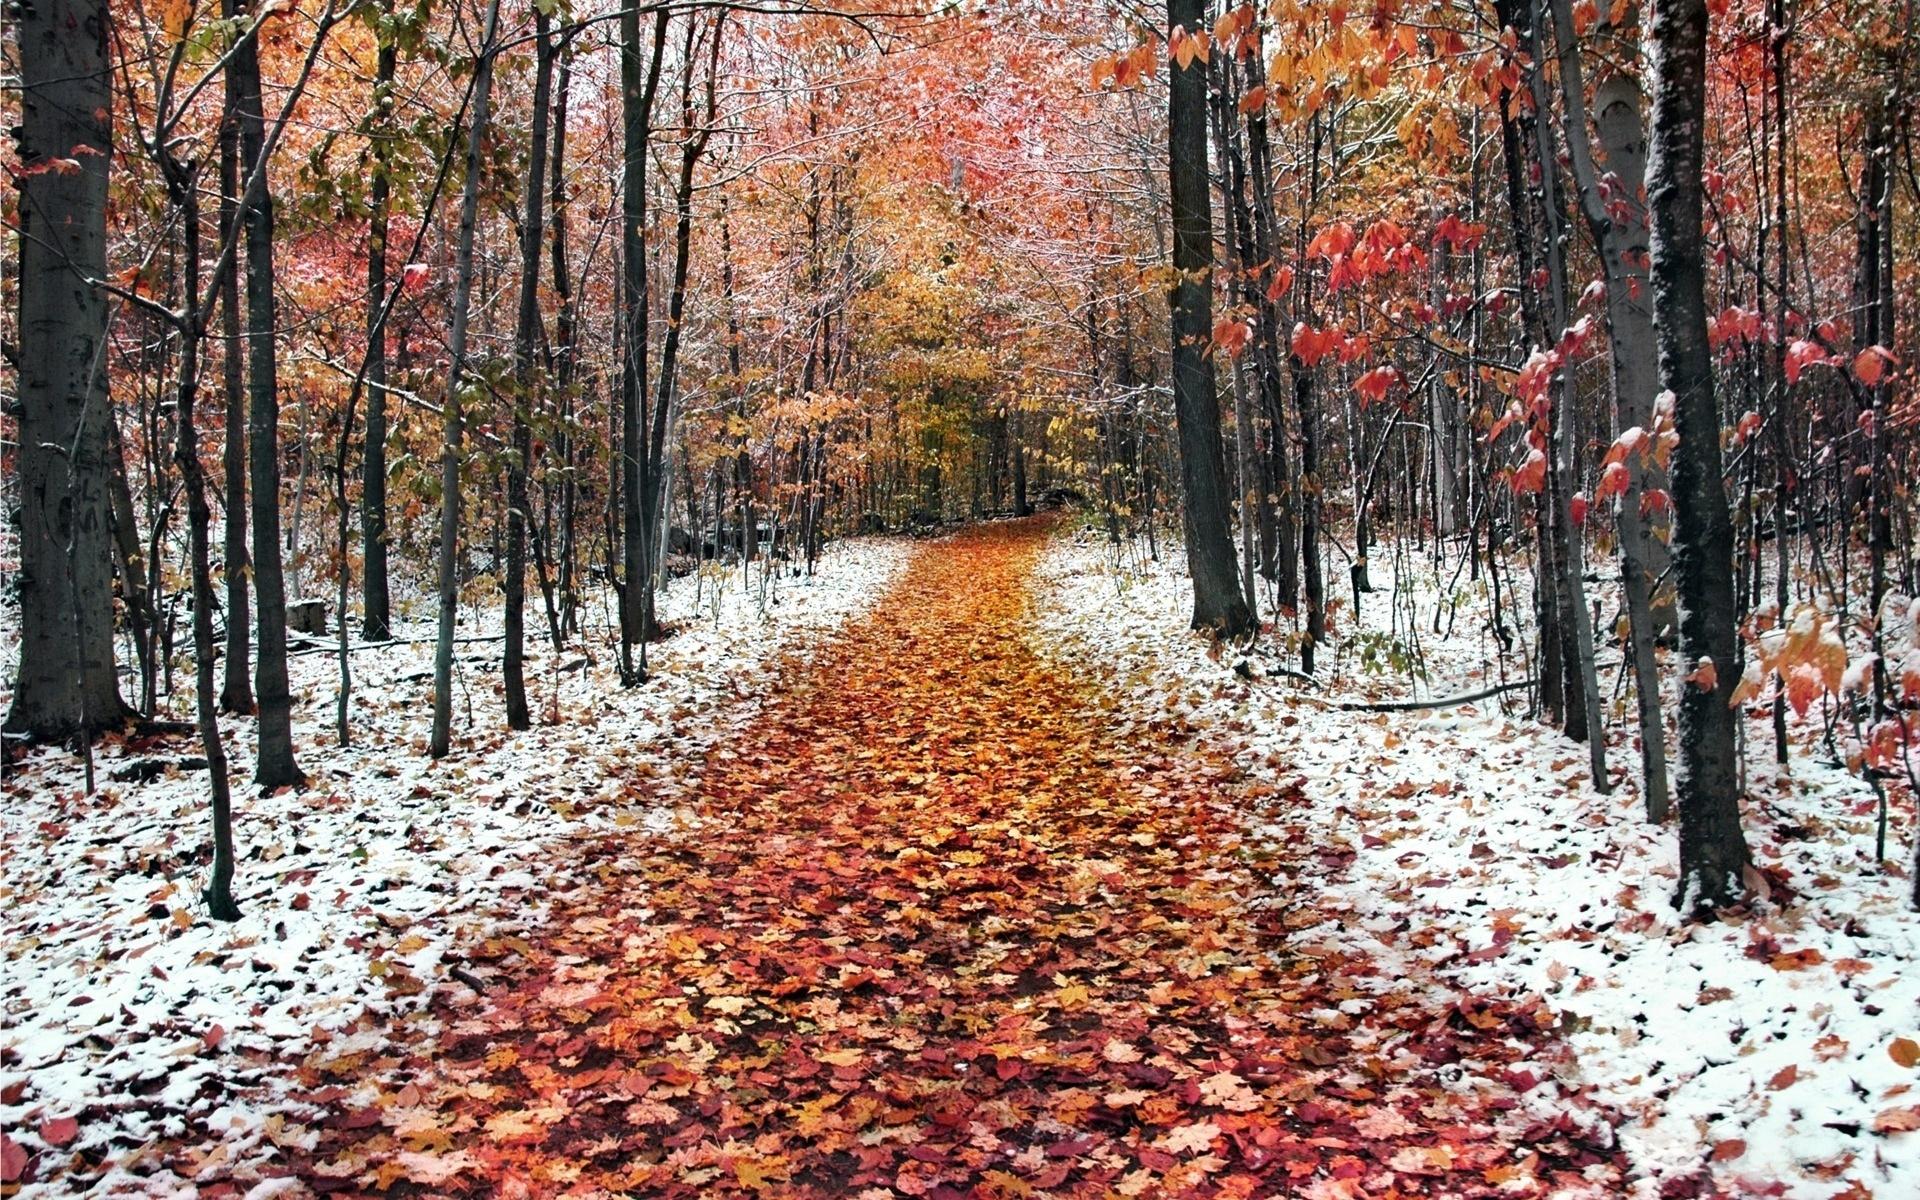 картинки про природу осень и зиму обладает повышенным